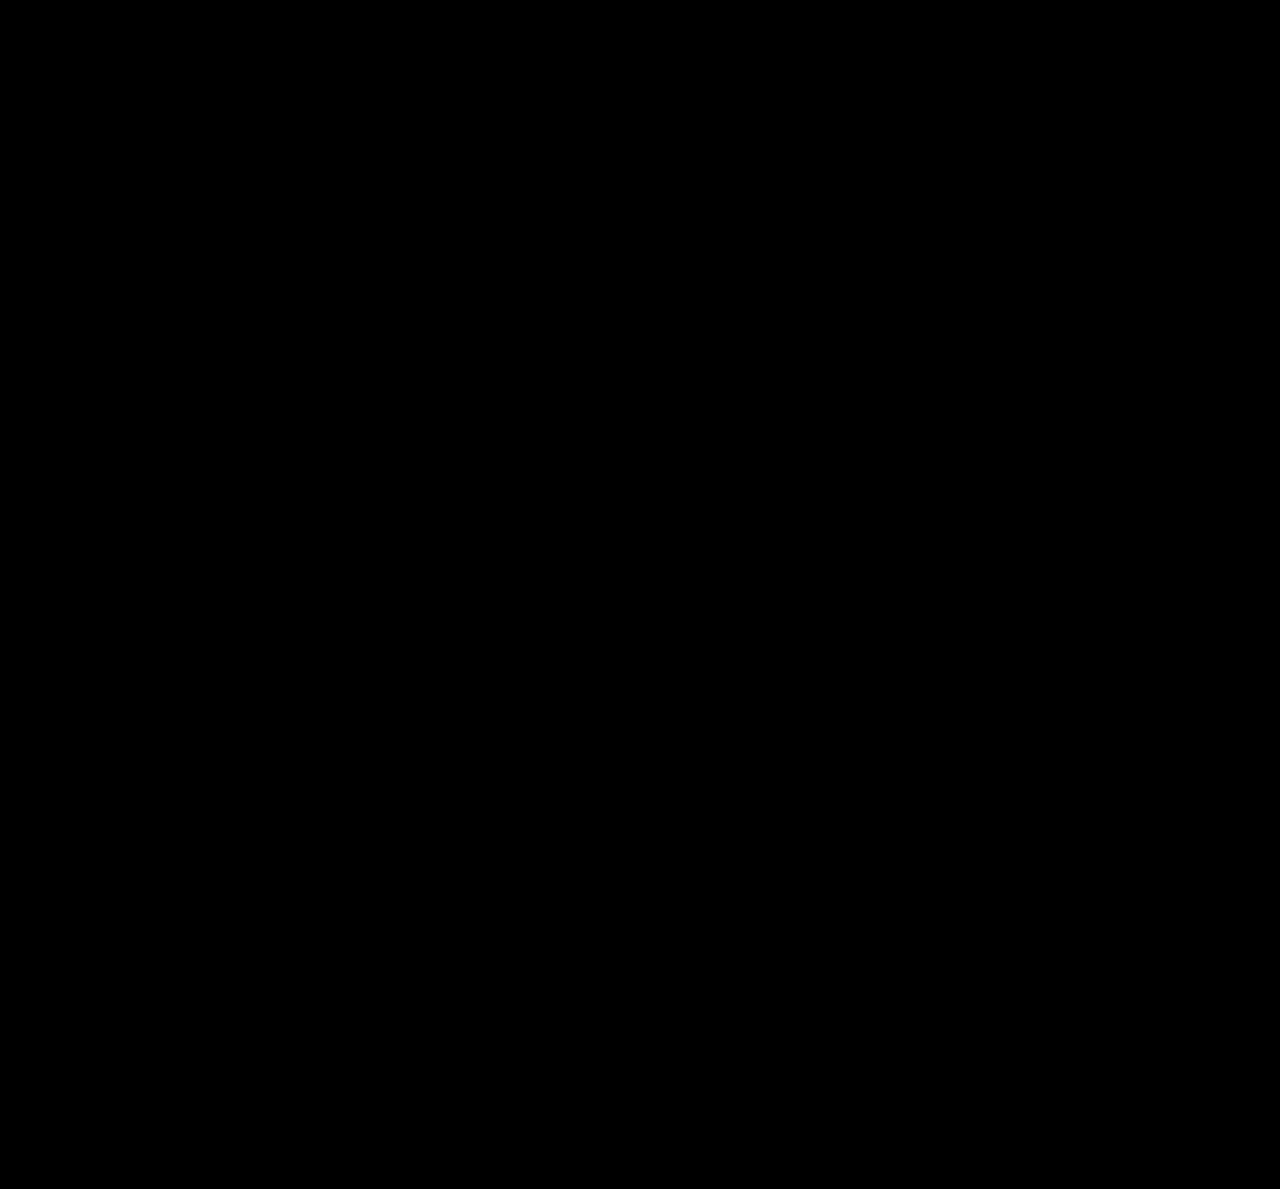 Spiderman Merveille Dessin Anime Images Vectorielles Gratuites Sur Pixabay